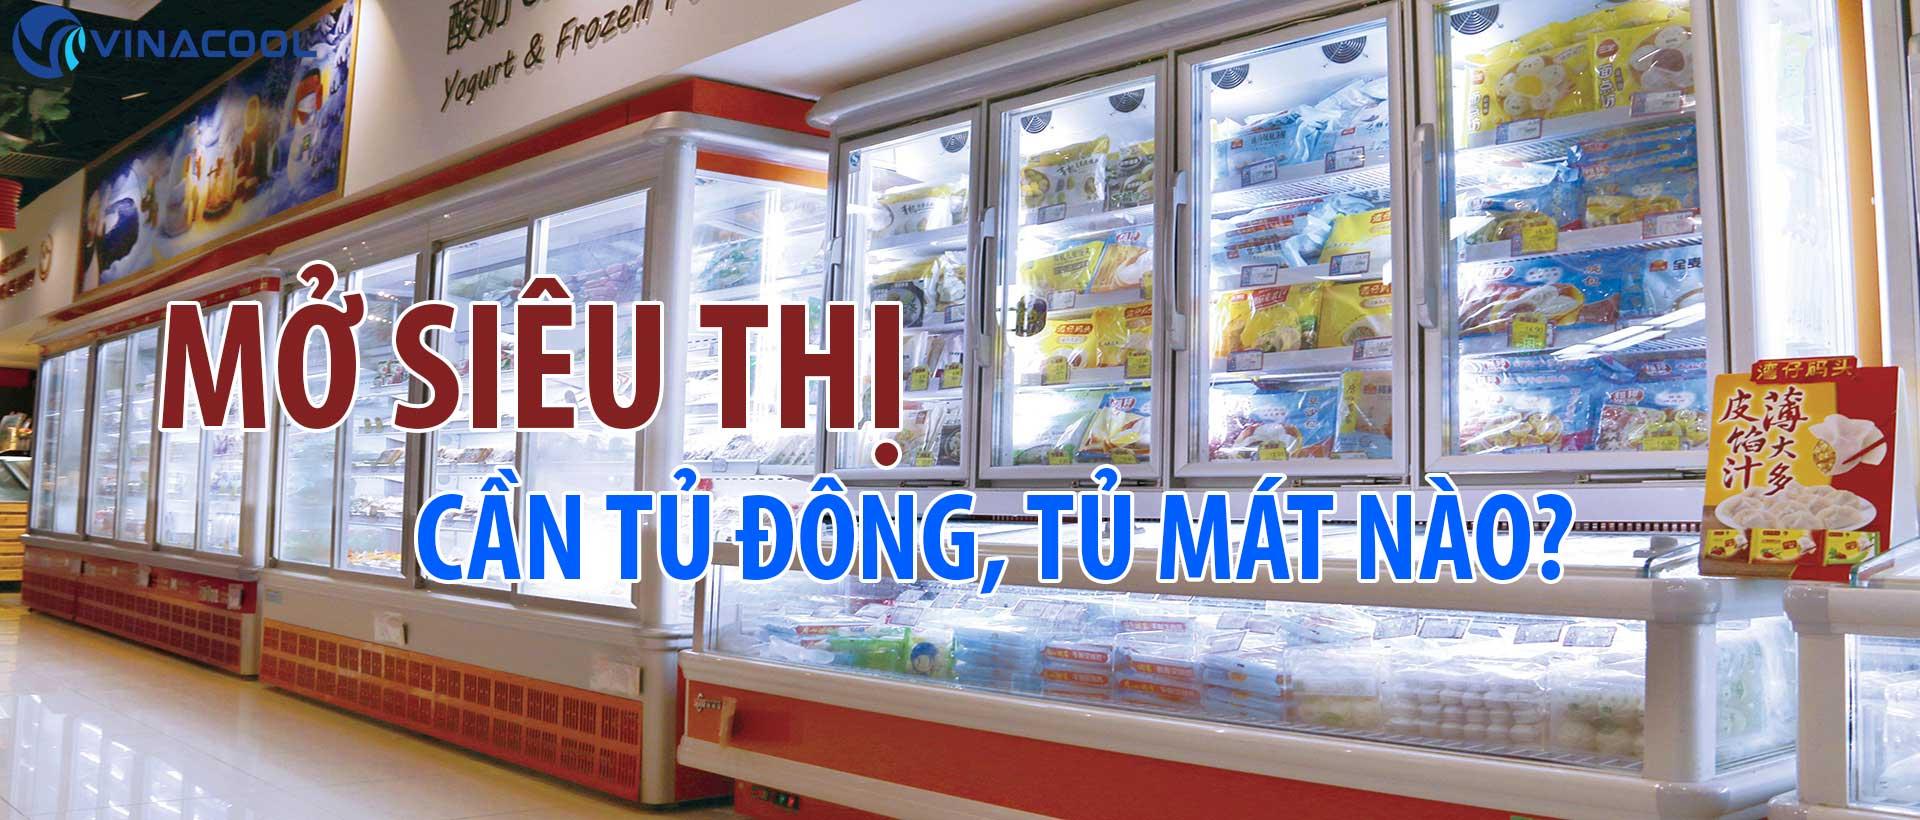 mở siêu thị nên cần tủ đông, tủ mát nào?